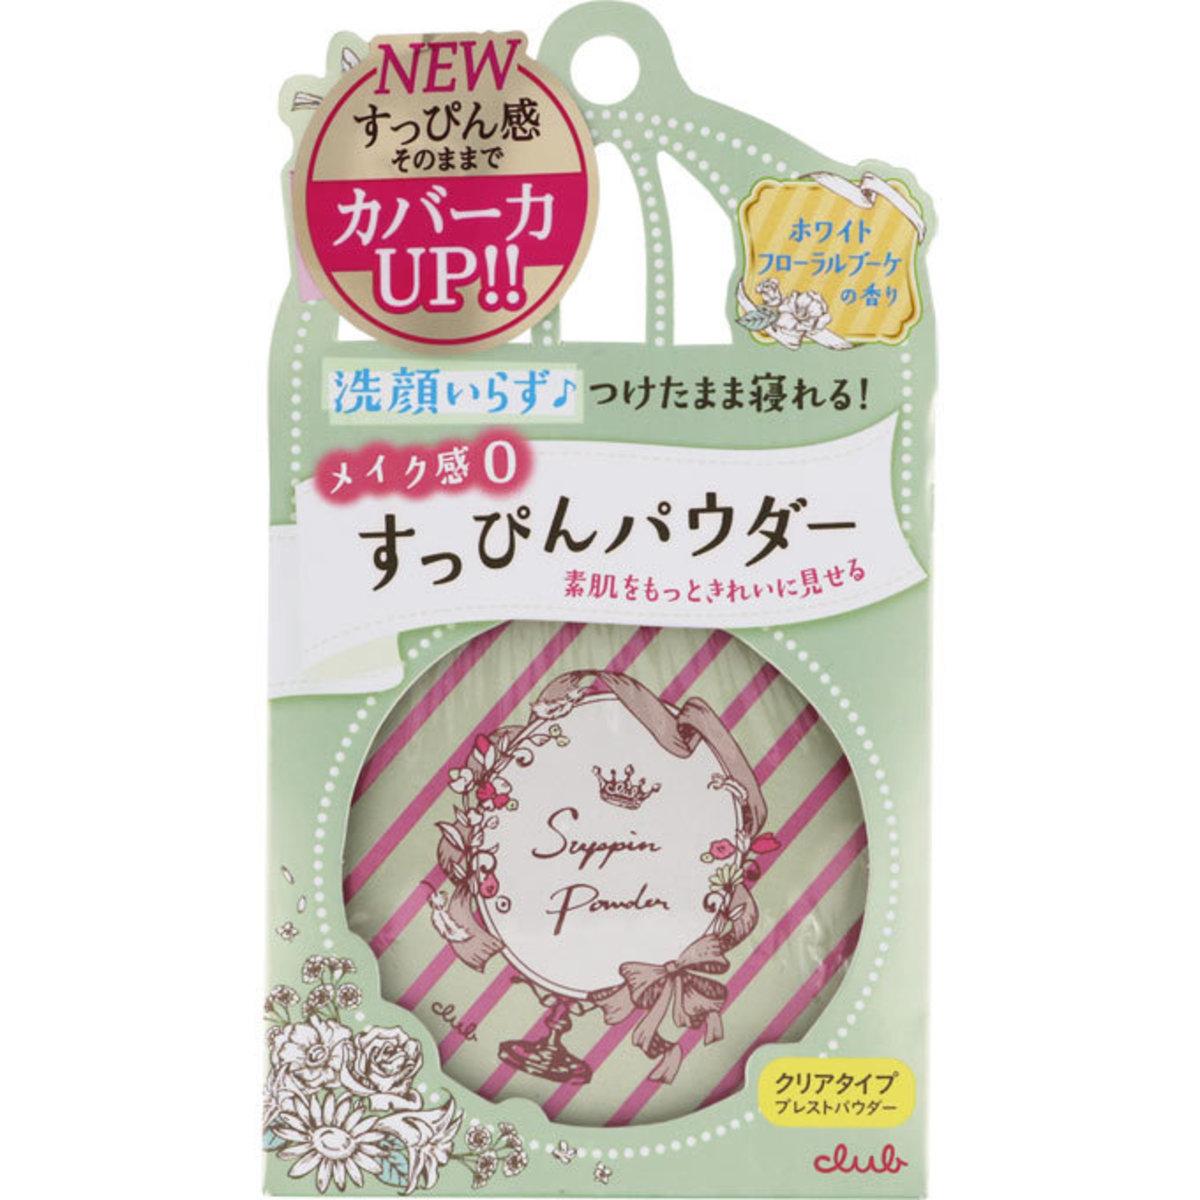 免洗美肌素顏蜜粉 - 百合味 26g (平行進口貨品)